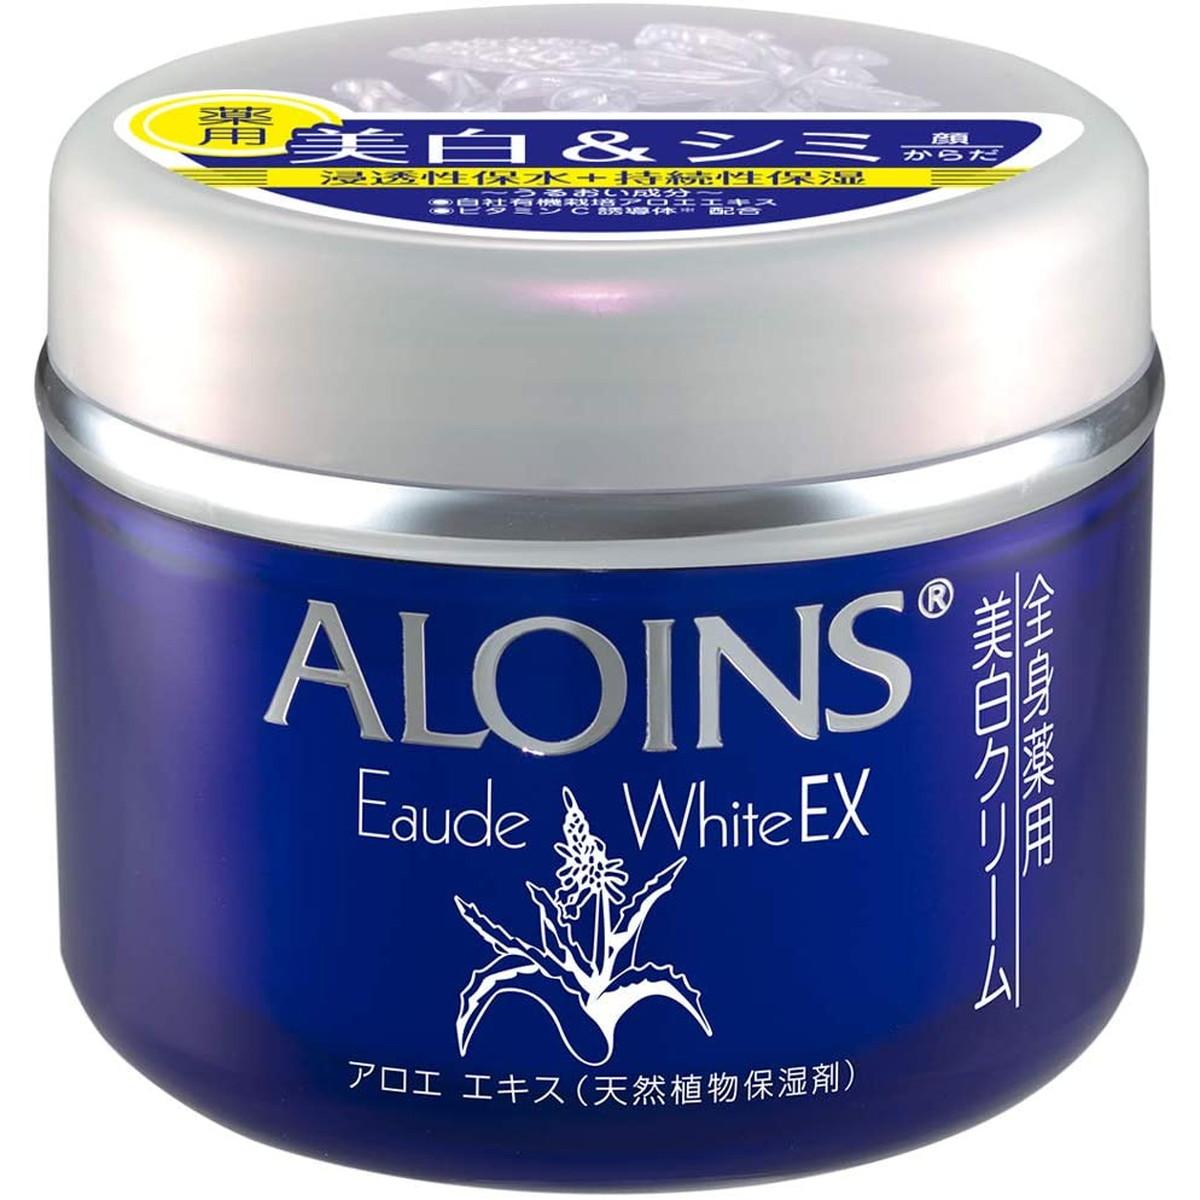 アロインス化粧品 医薬部外品 オーデクリームホワイトEX 流行のアイテム クリアフローラル 180g 国内即発送 ボディクリーム